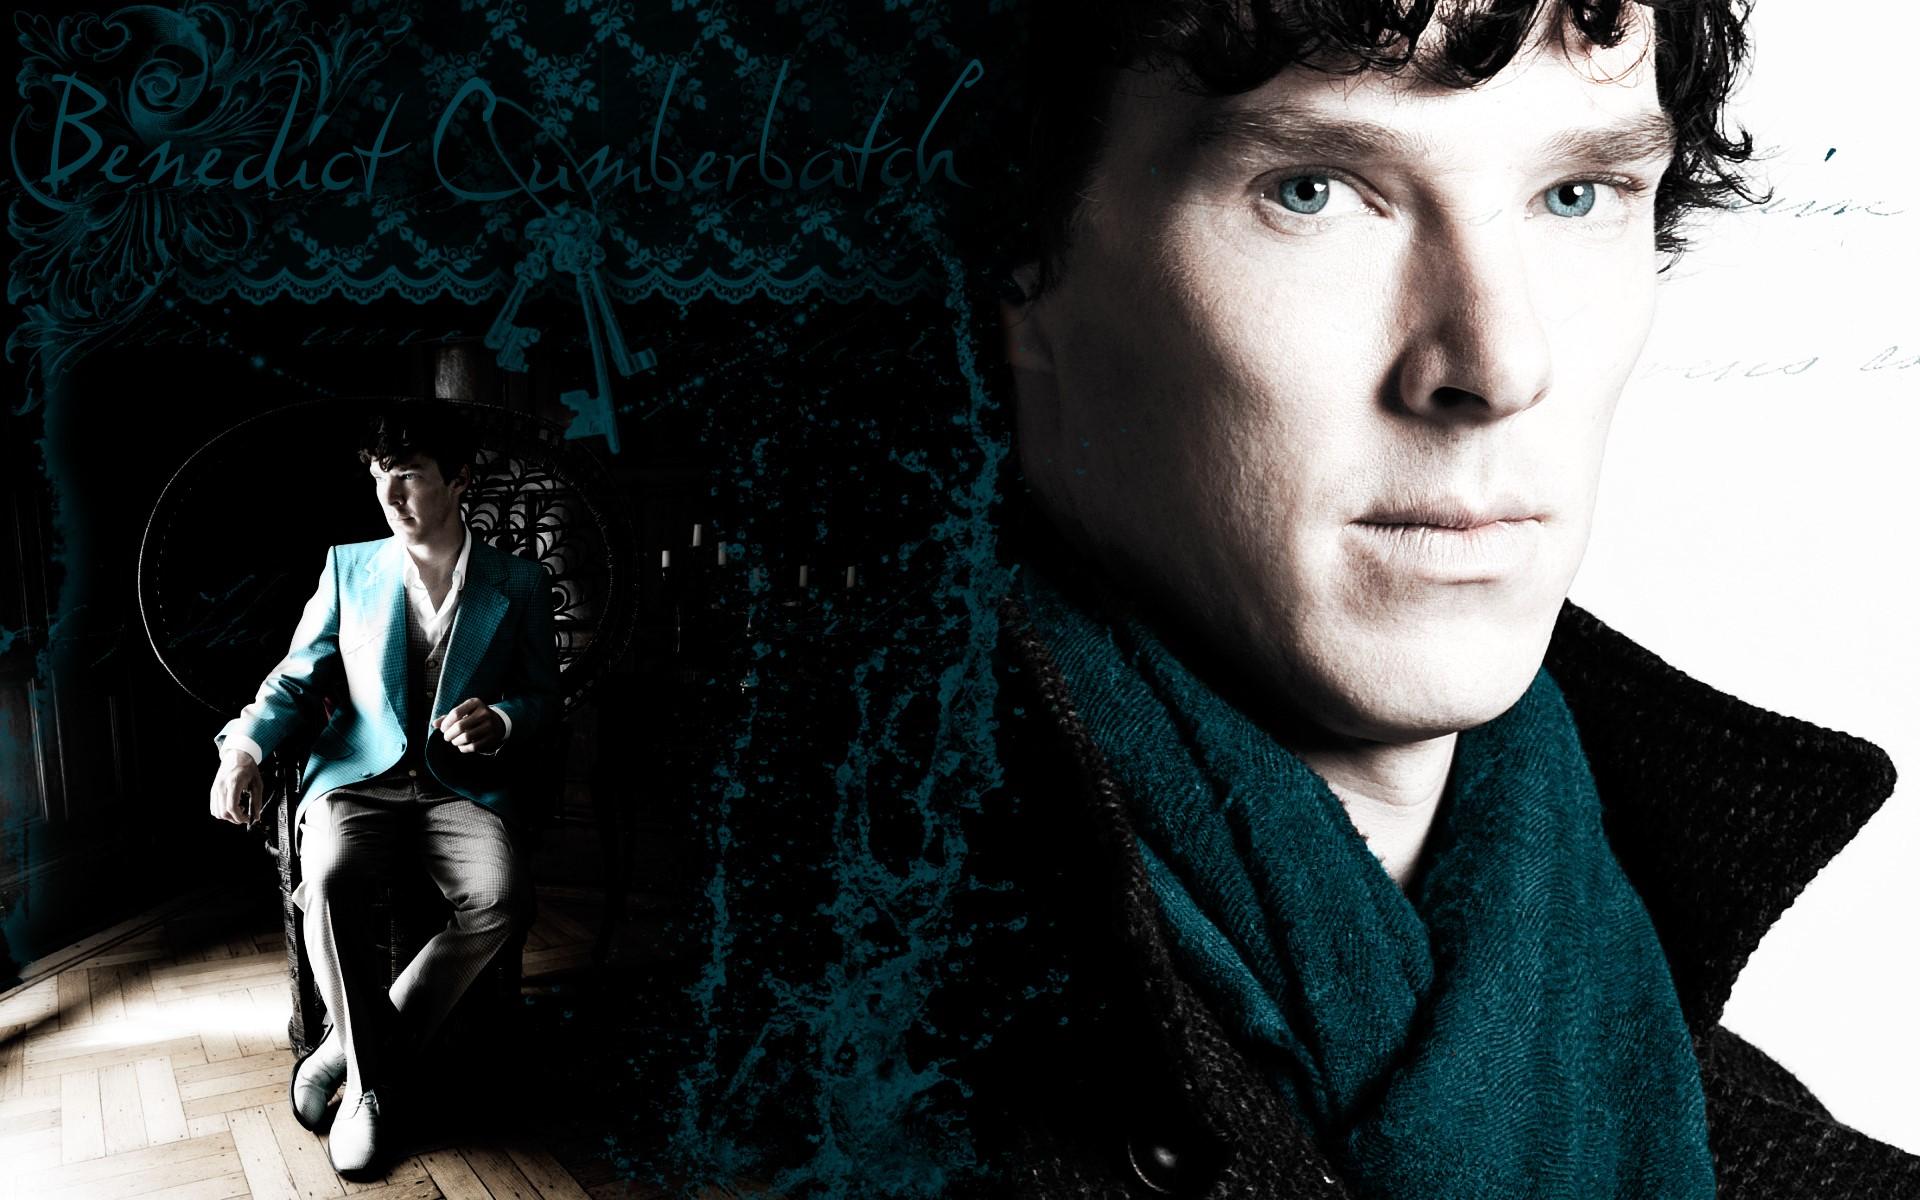 Pictures of Benedict Cumberbatch